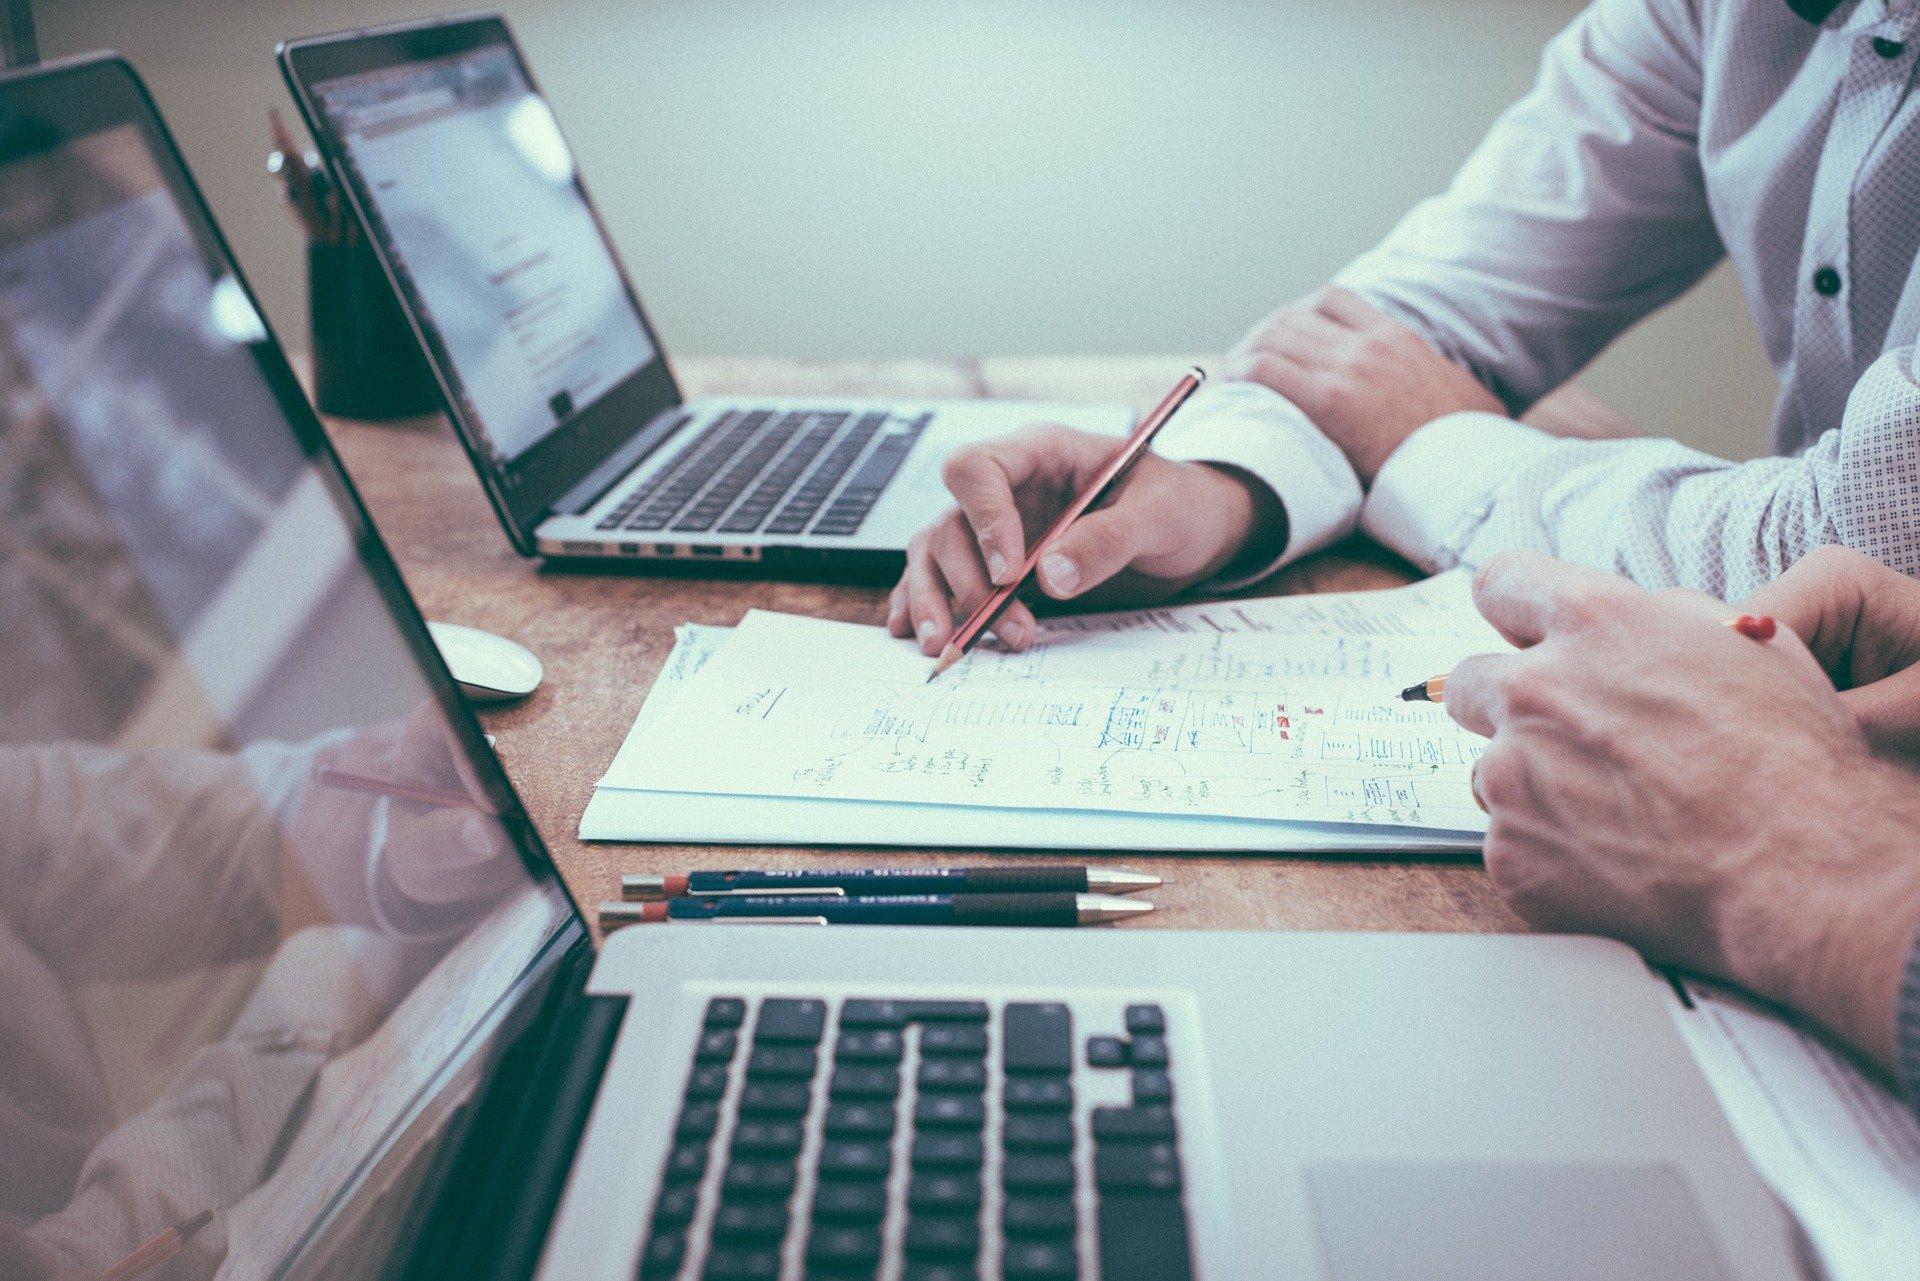 Foto de duas pessoas em uma mesa olhando papeis e com dois computadores abertos. Imagem ilustrativa para texto montar um negócio.